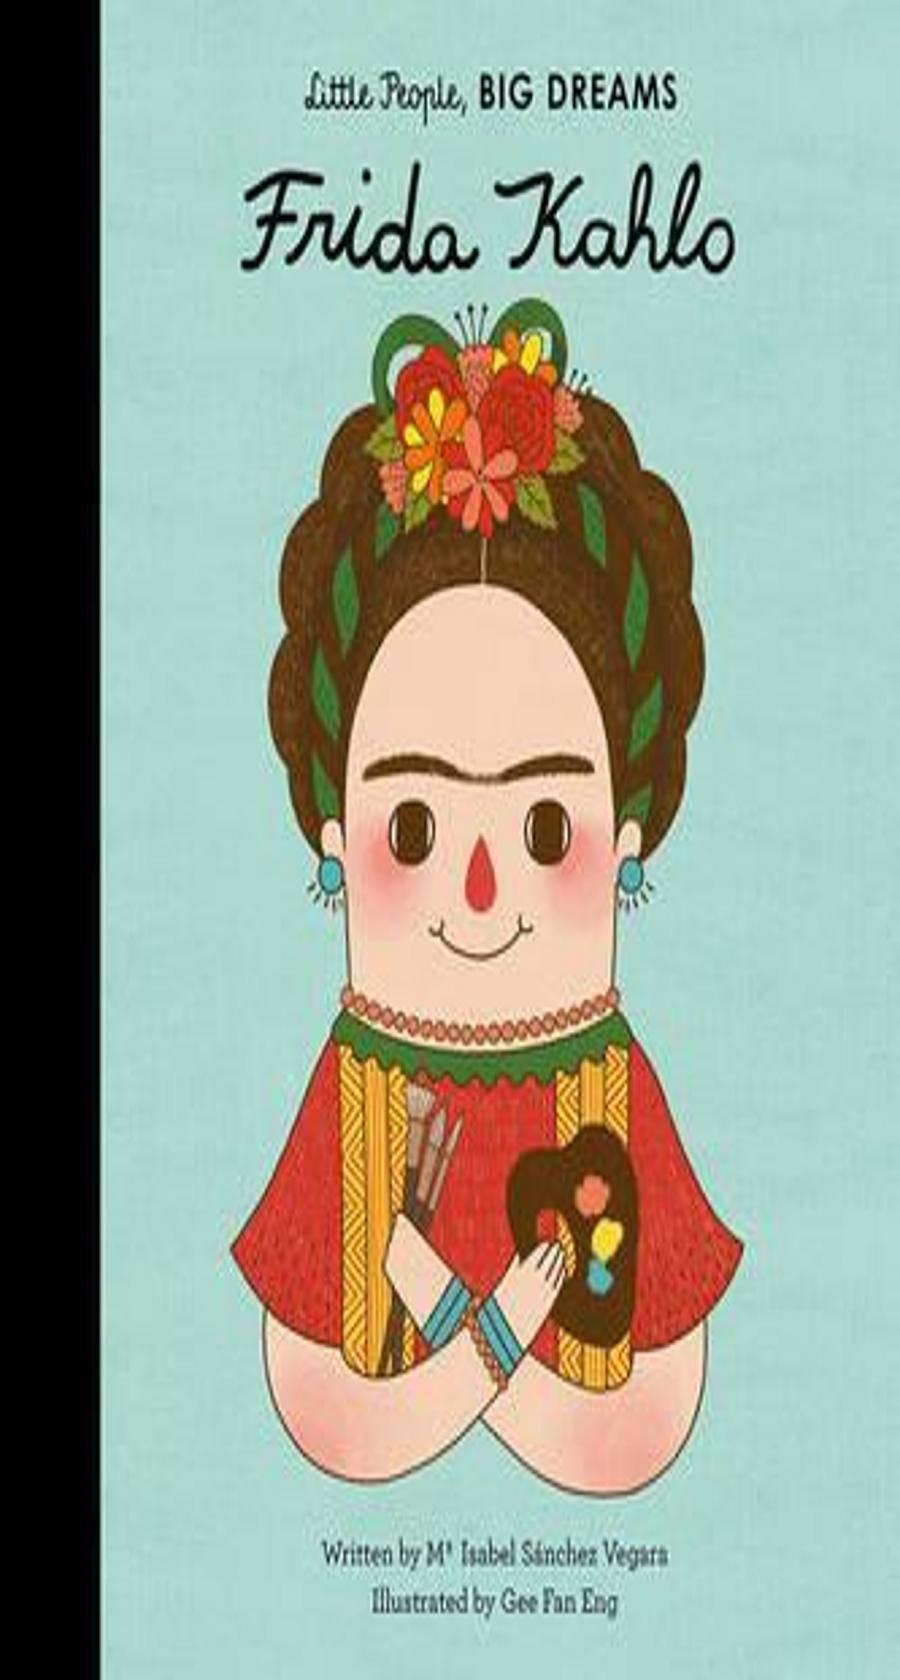 BIG DREAMS: FRIDA KAHLO LITTLE PEOPLE